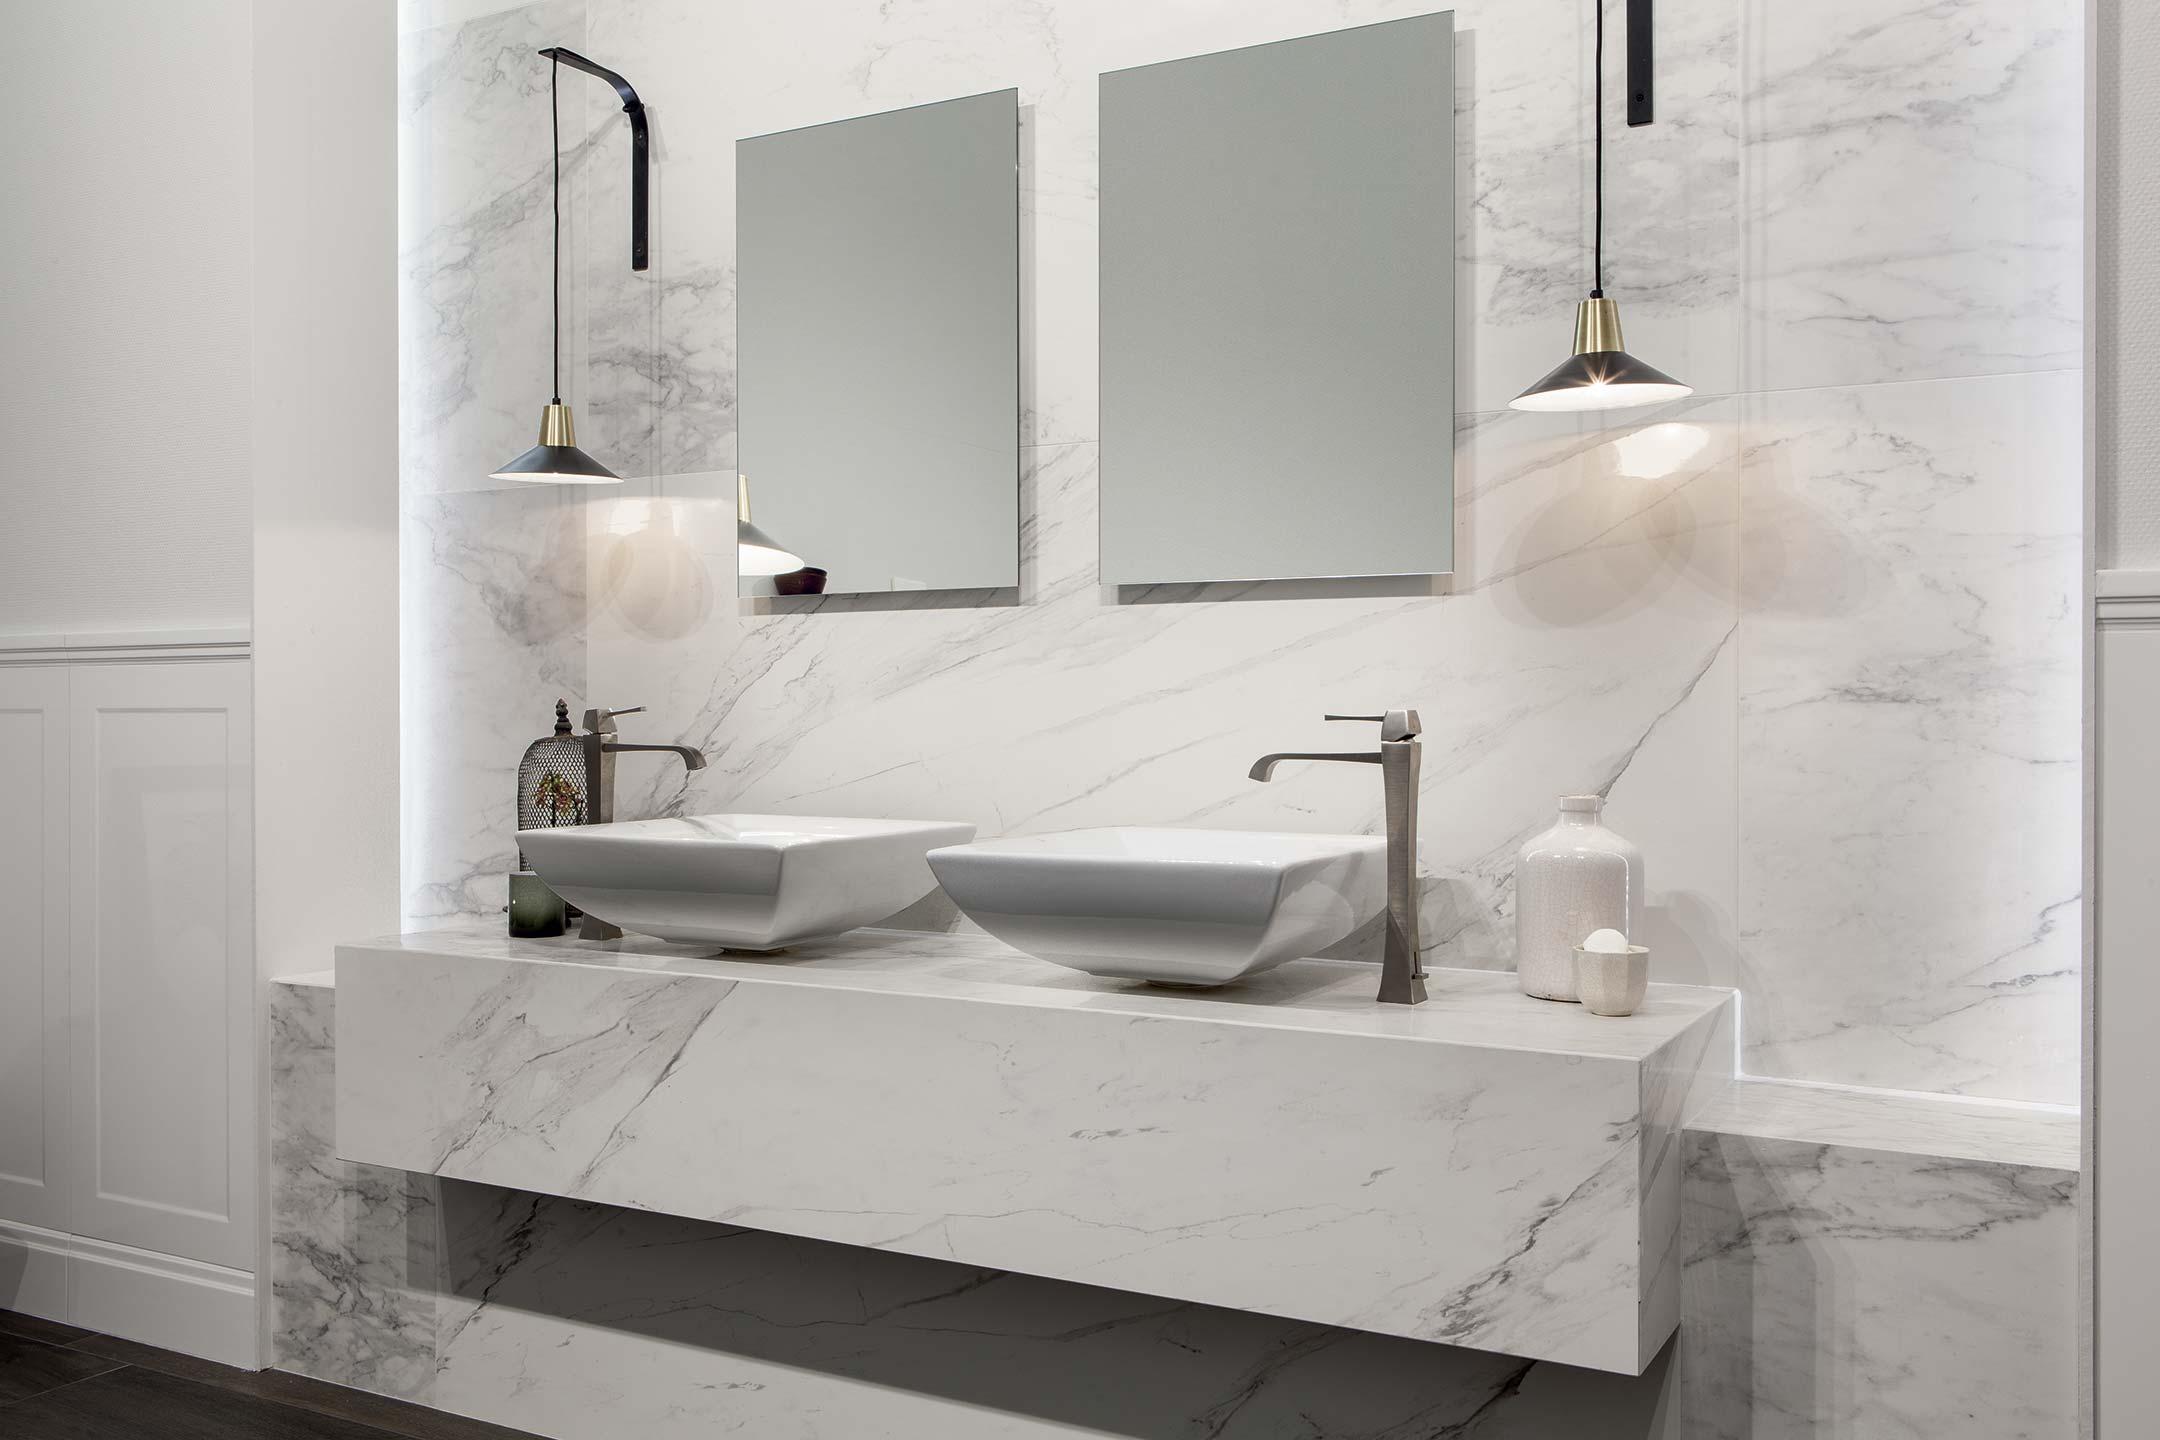 carrelages naturel et authentique par surface paris. Black Bedroom Furniture Sets. Home Design Ideas